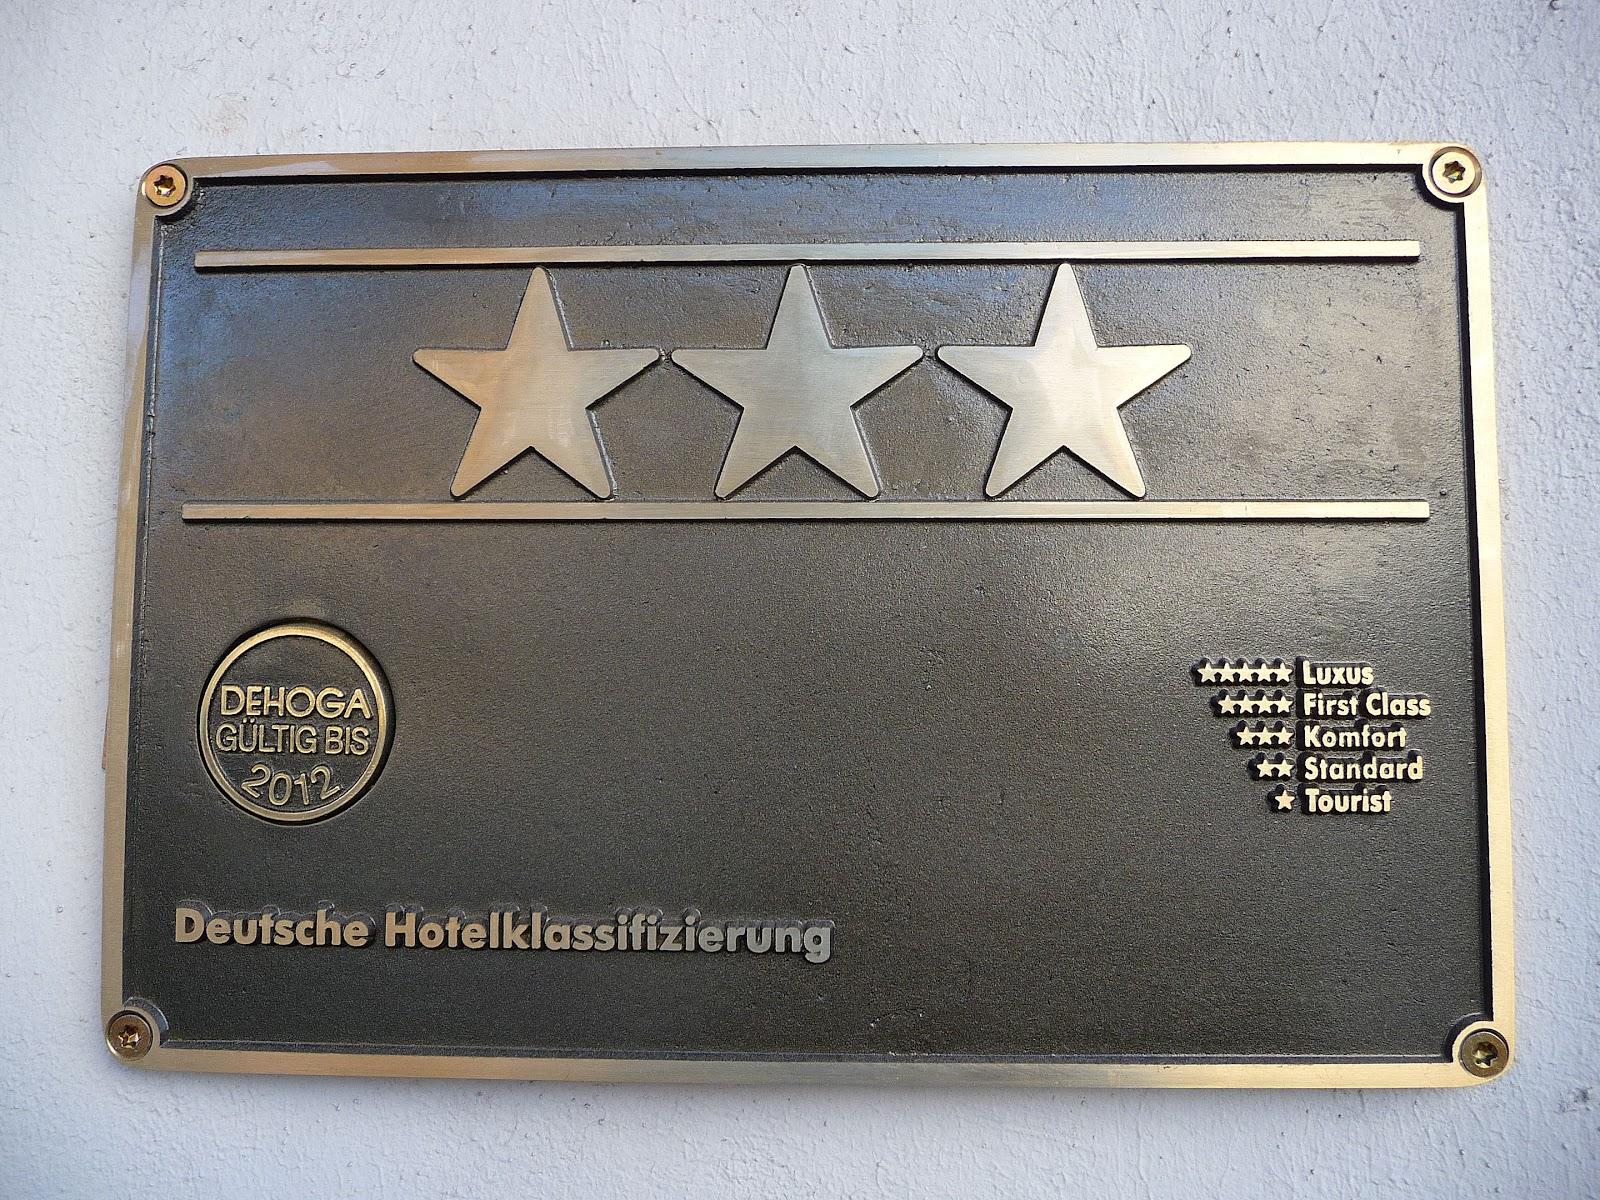 Deutsche Hotelklassifizierung des Deutschen Hotel- und Gaststättenverbandes (DEHOGA)